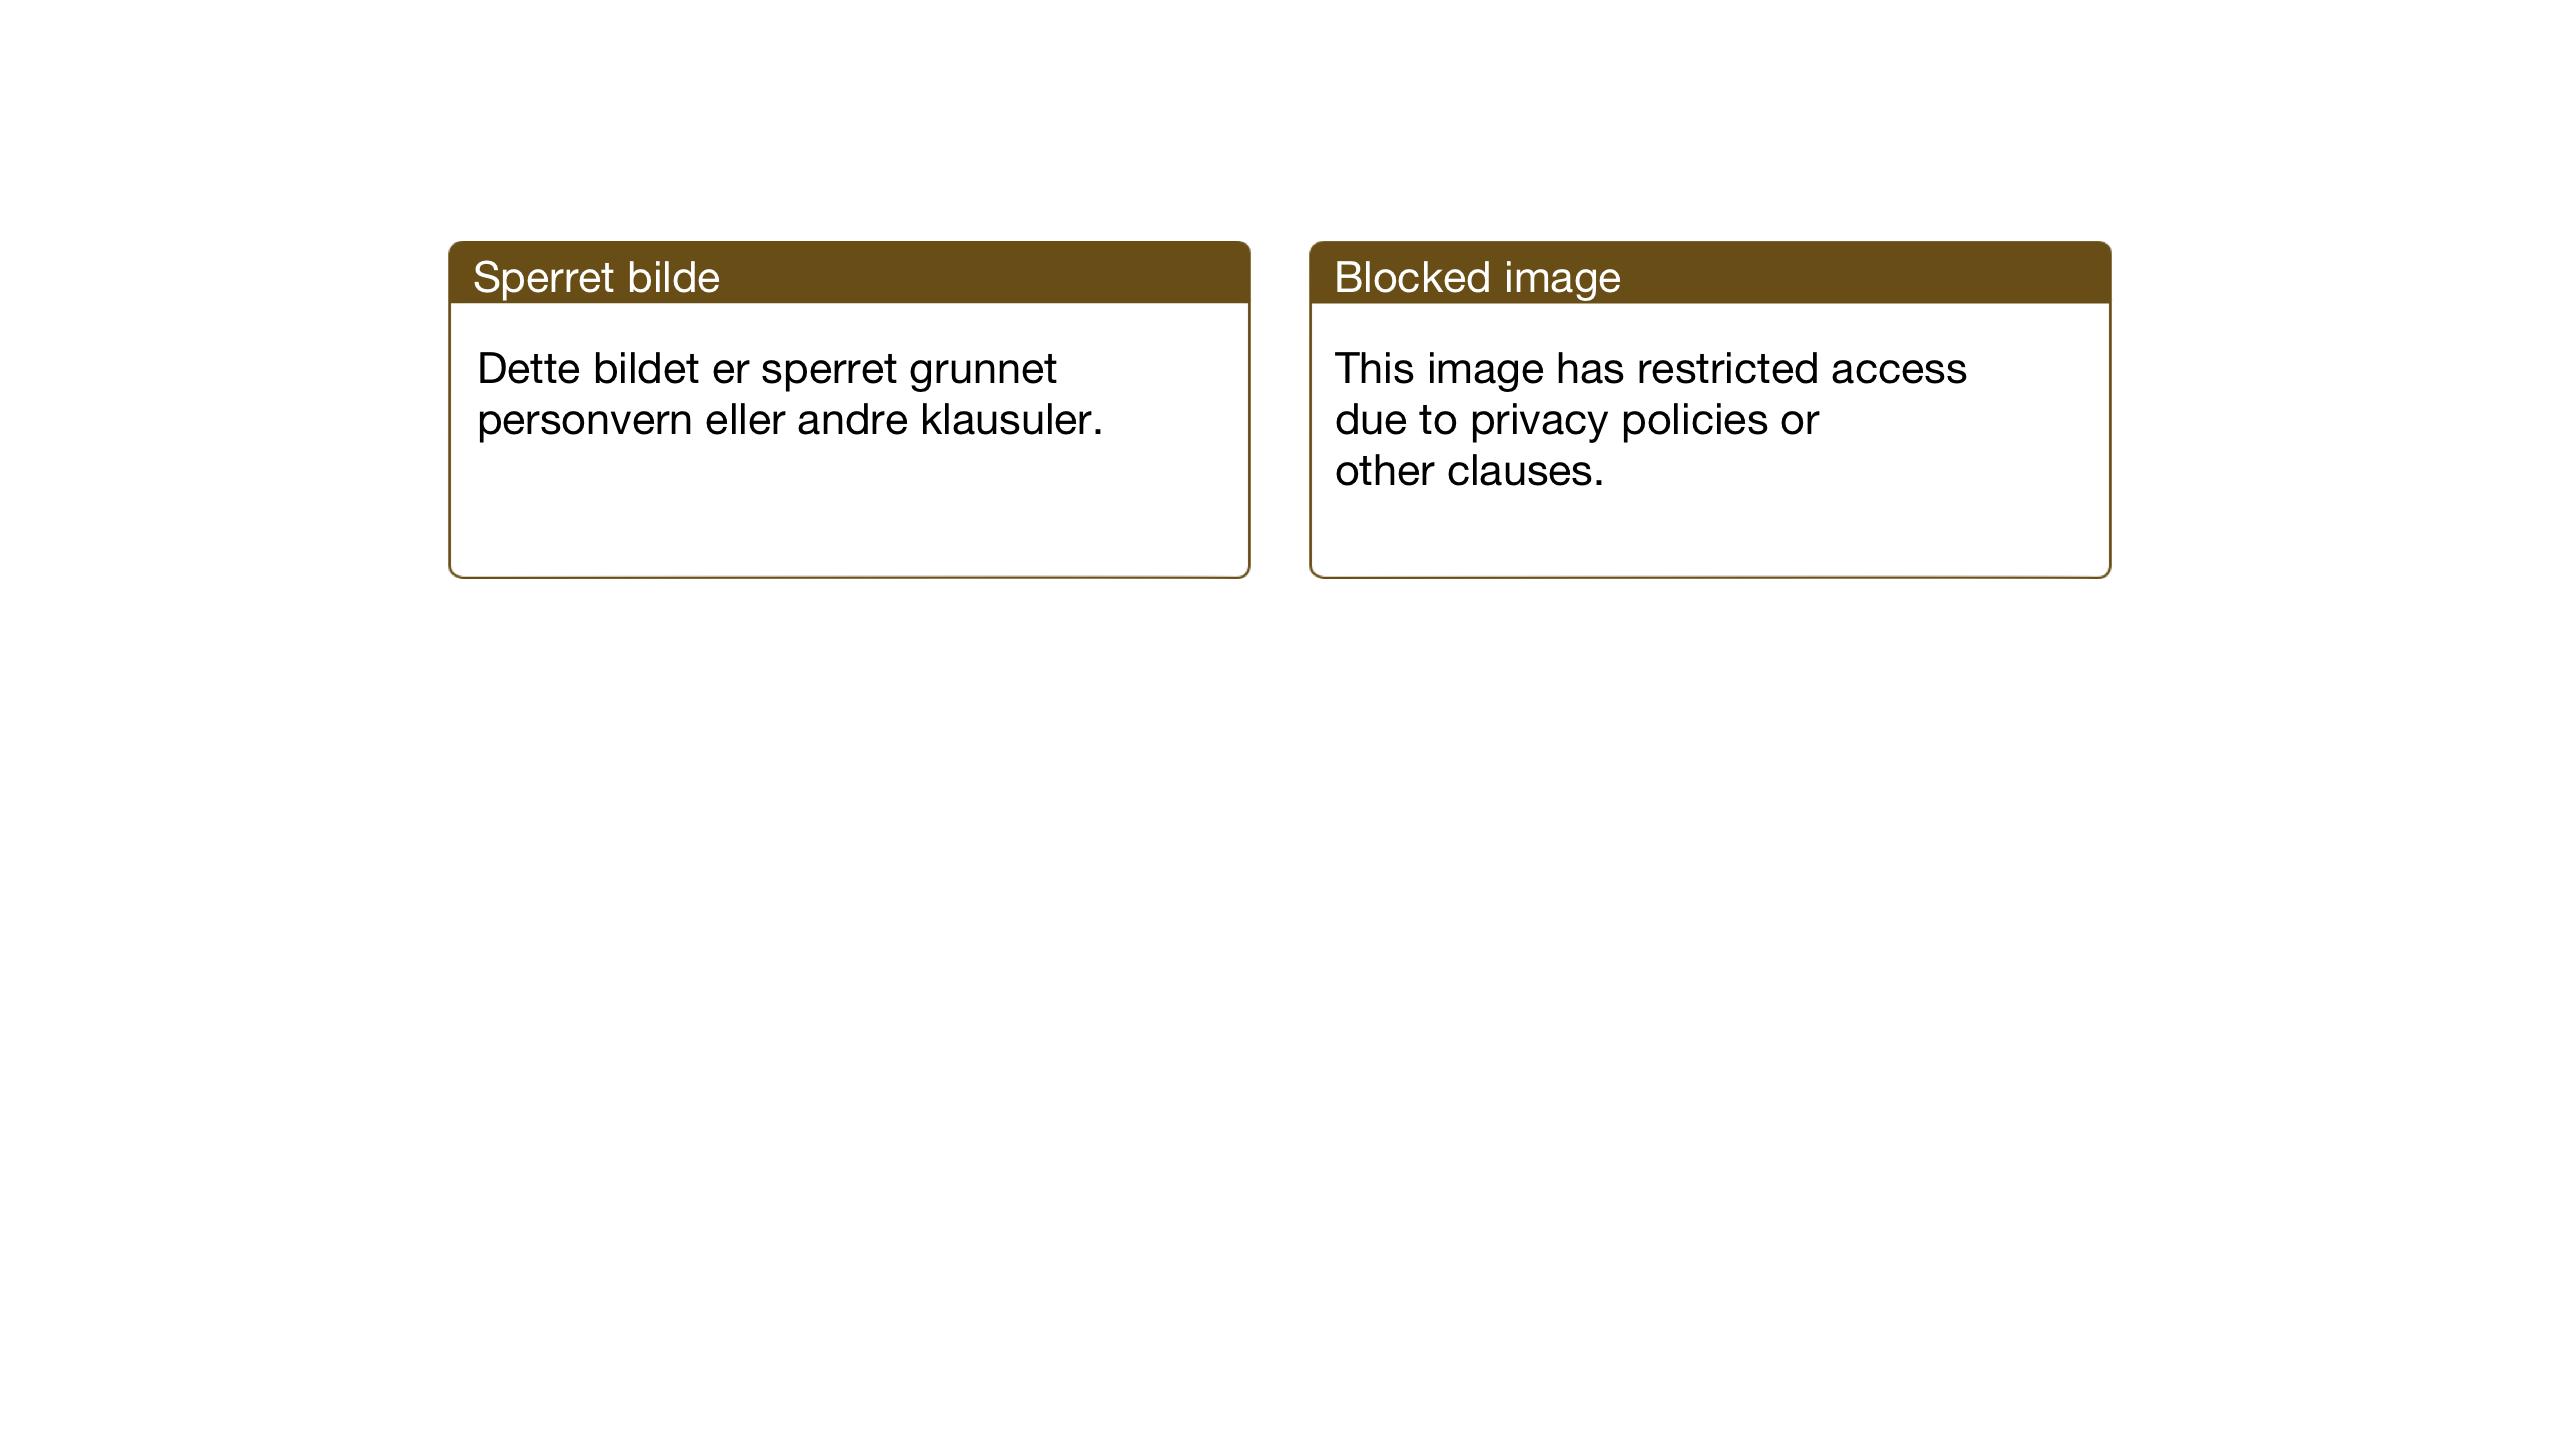 SAT, Ministerialprotokoller, klokkerbøker og fødselsregistre - Sør-Trøndelag, 637/L0564: Klokkerbok nr. 637C05, 1928-1968, s. 31